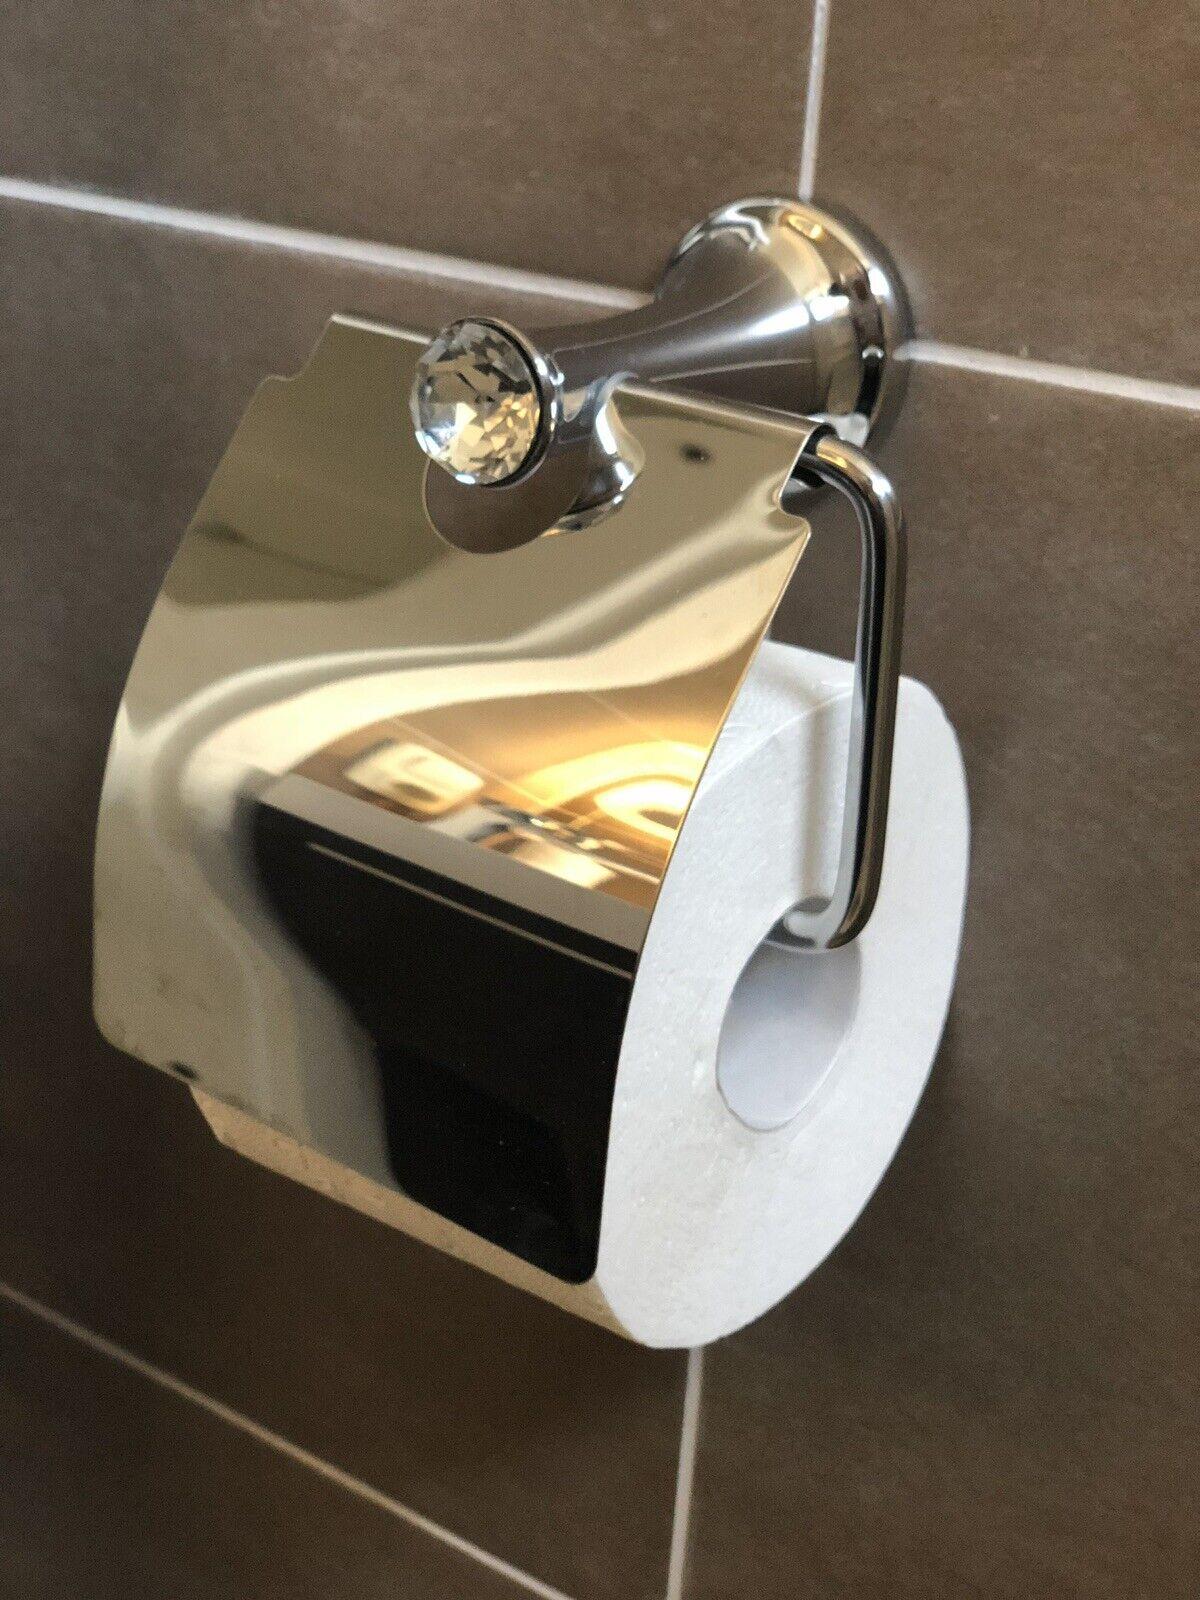 3 tlg. Badset WC Papierhalter, Handtuchhalter, WC Bürste Chrom Kristall Neu